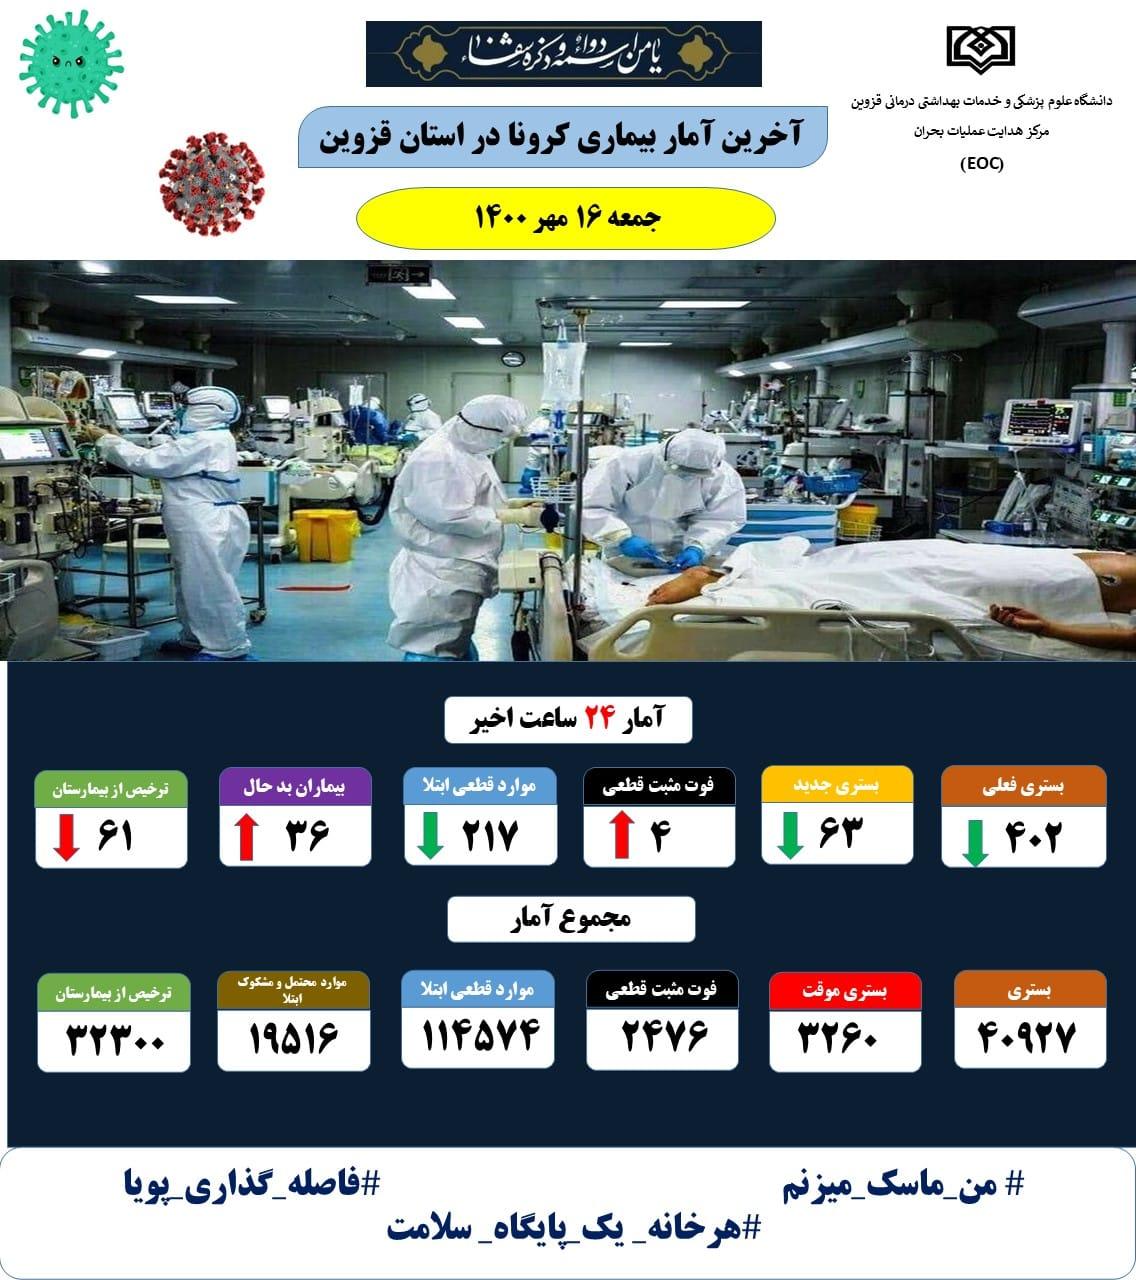 فوت ۴ بیمار کرونایی در استان قزوین